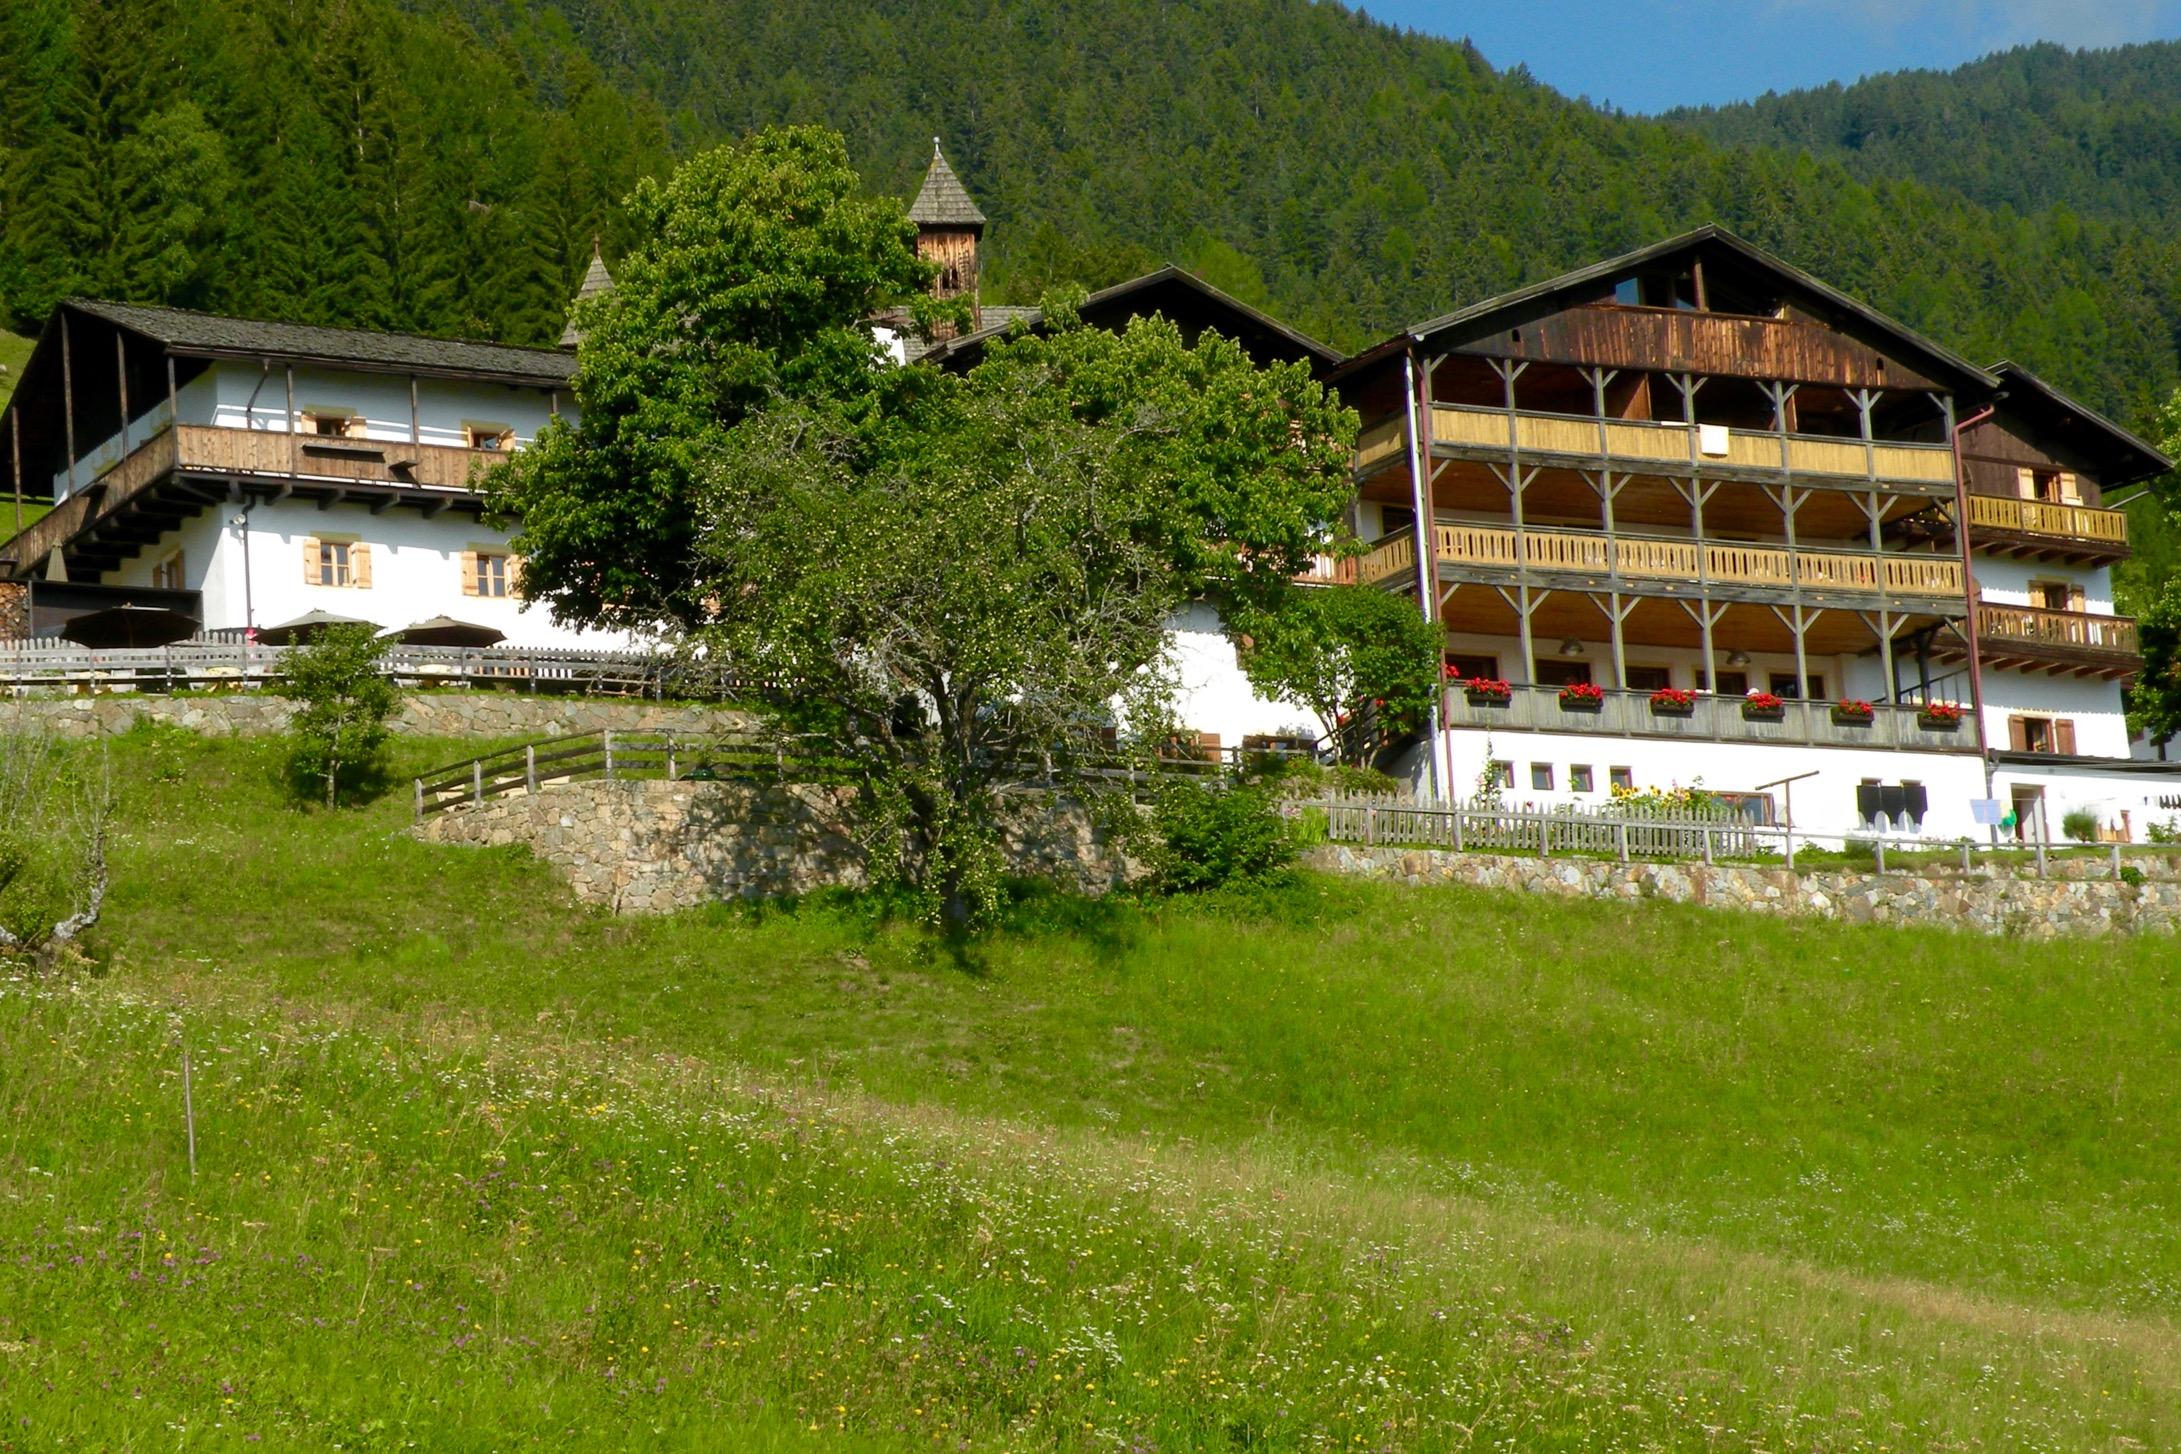 Berggasthof Bad Dreikirchen 97 (Urlaub im Denkmal)